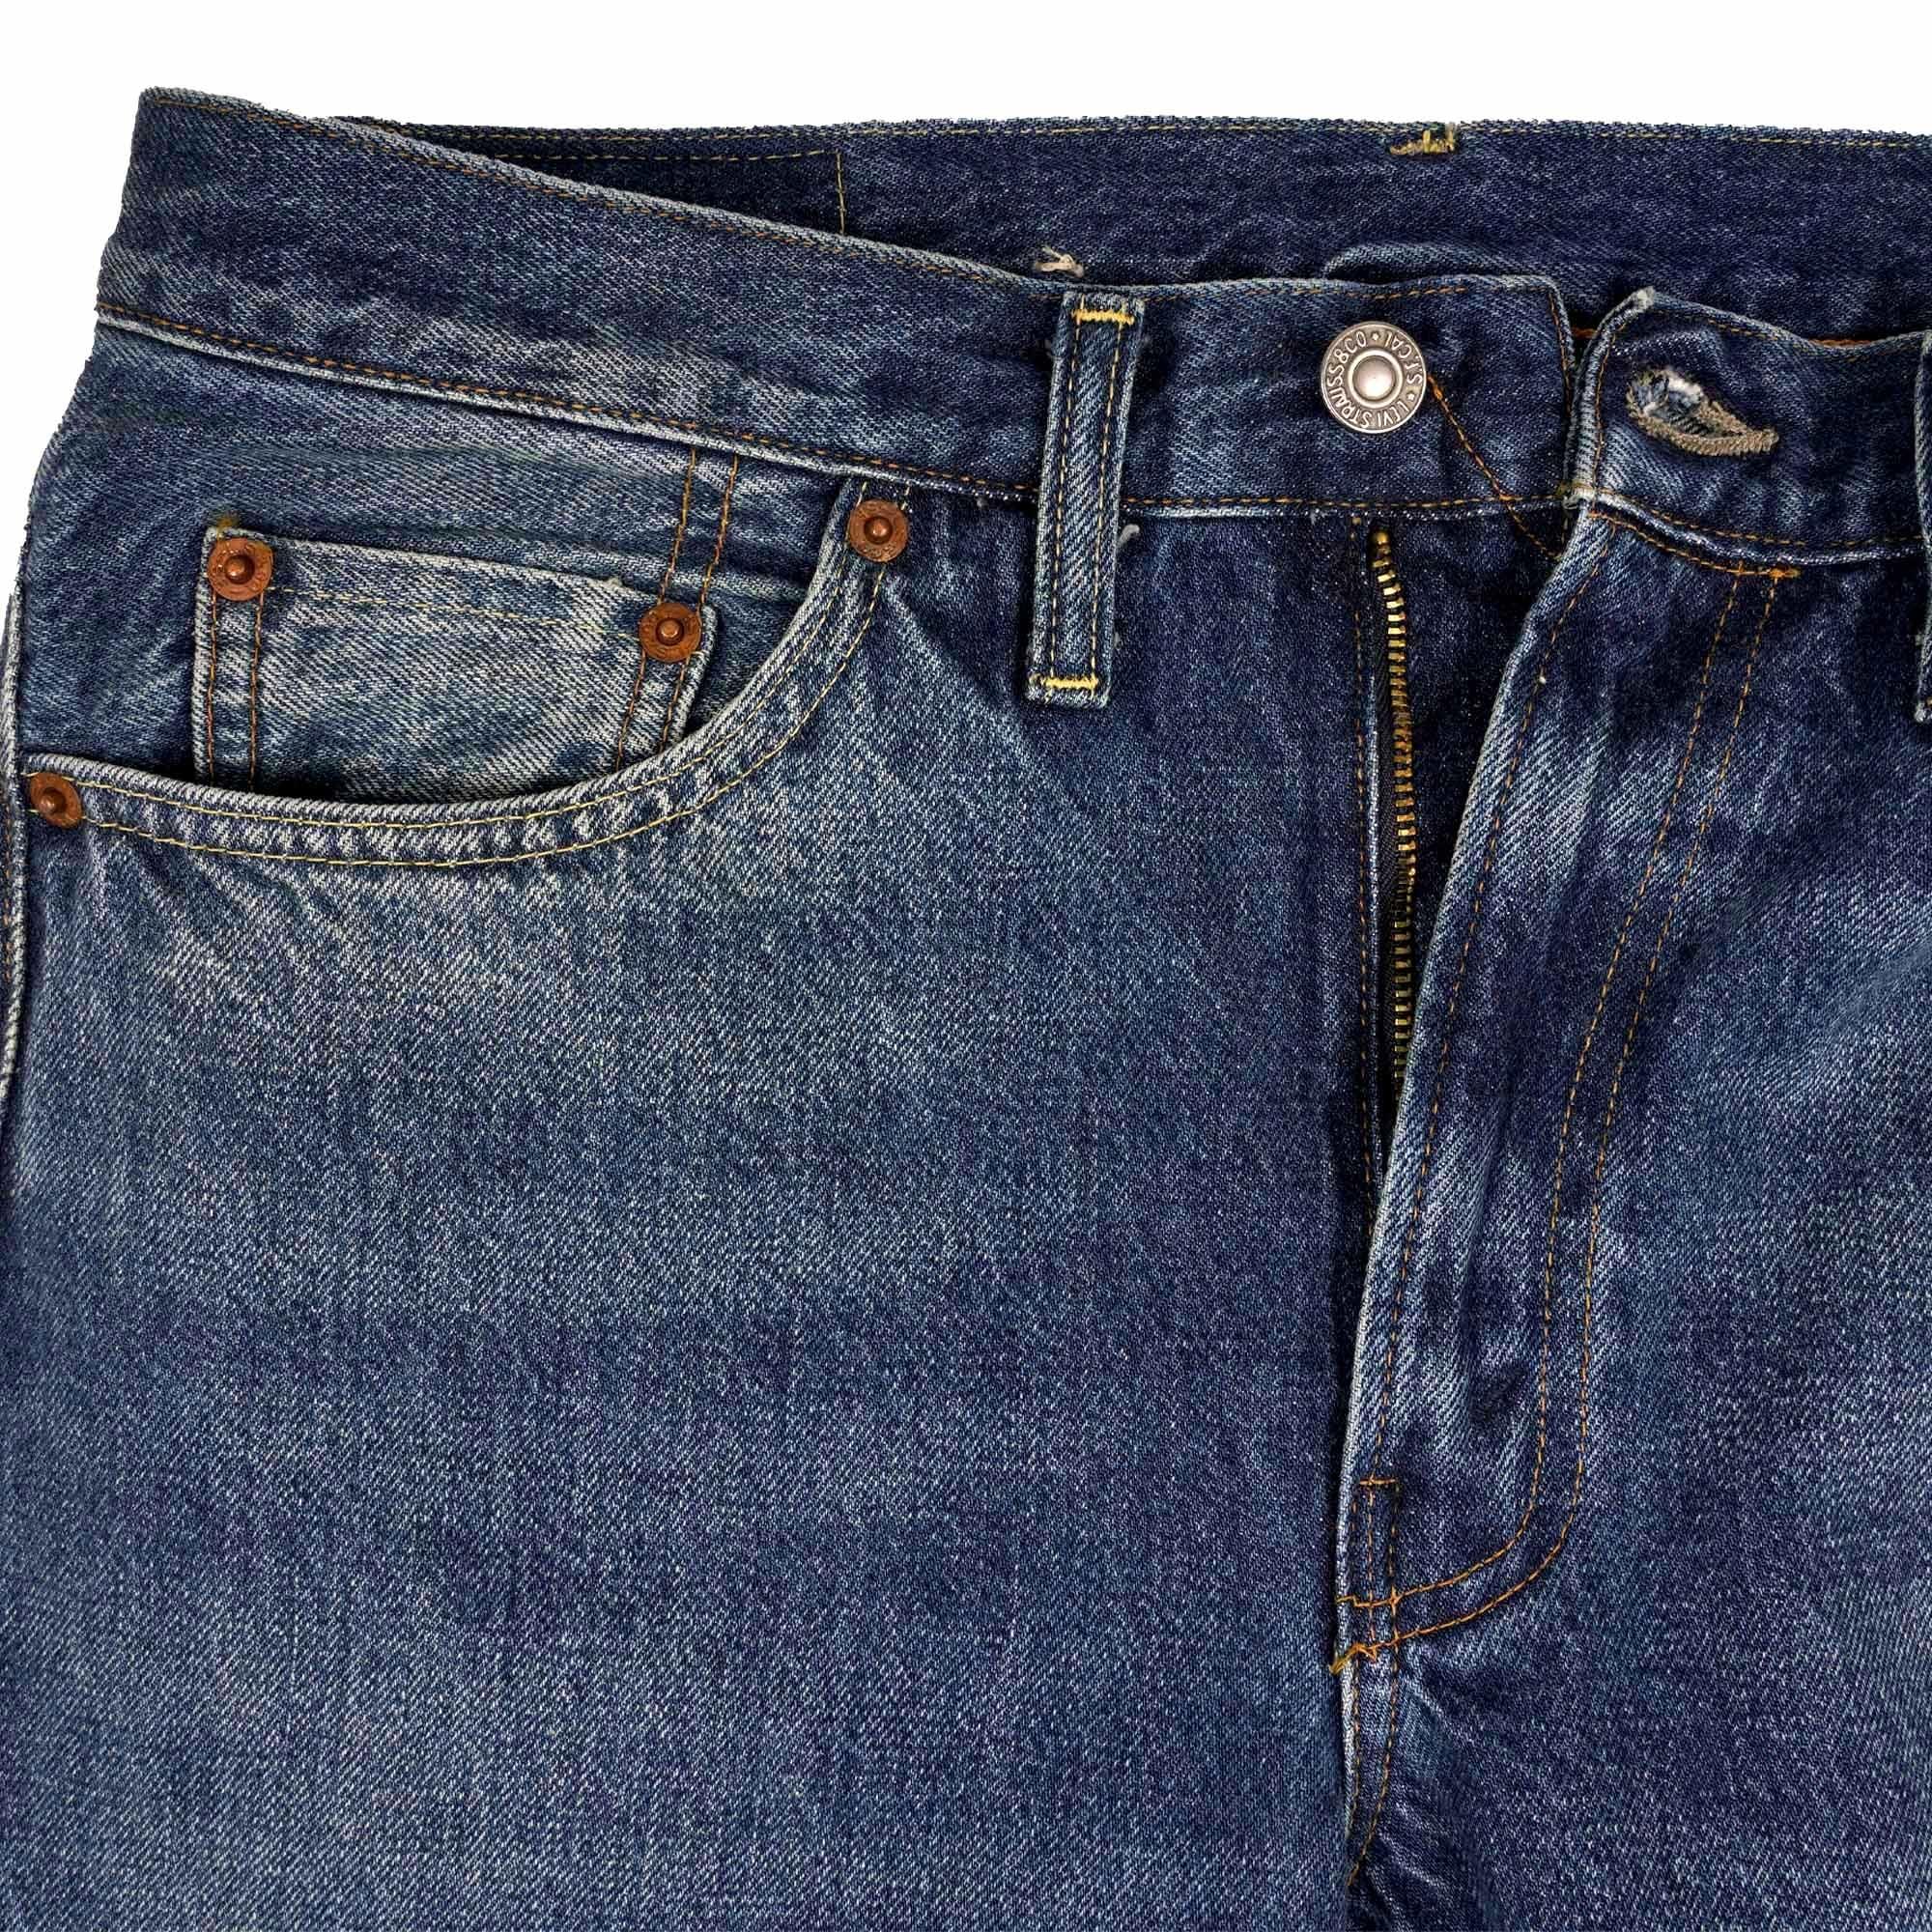 d9a9b041ce1 Levi s Vintage 1954 501z Selvedge Jeans